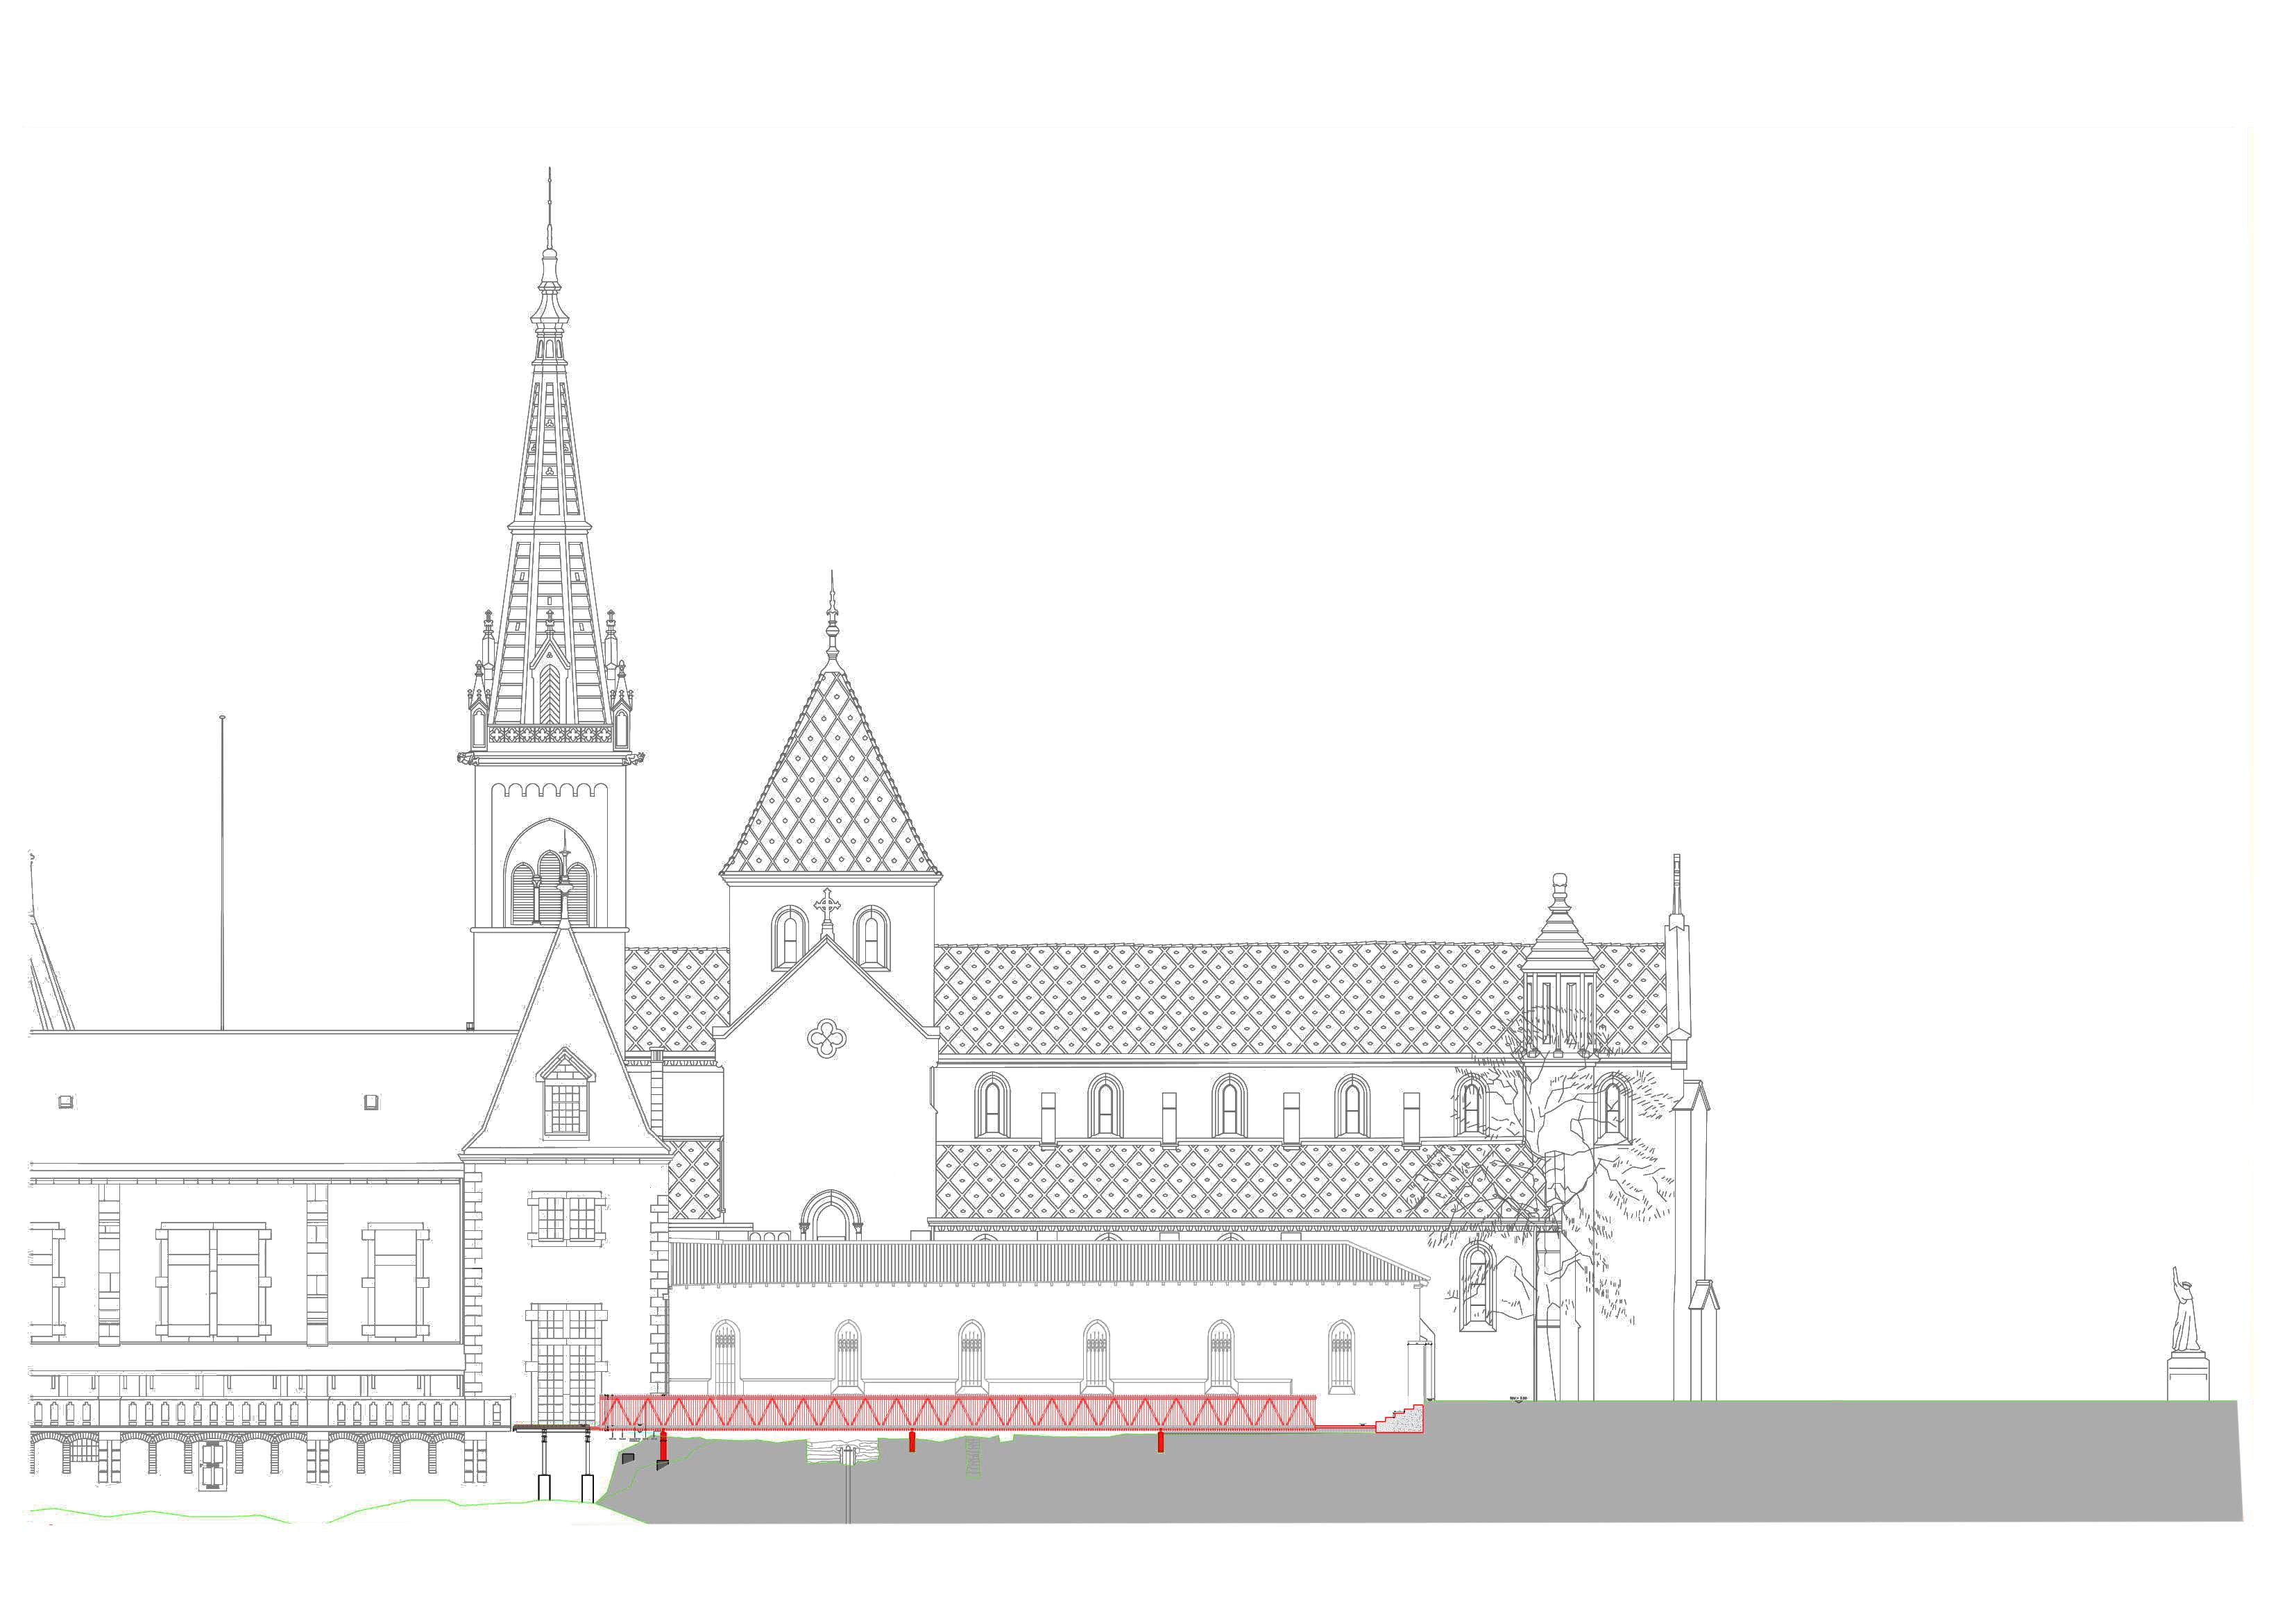 PROLONGEMENT D'UNE PASSERELLE, COLLÉGIALE DE NEUCHÂTEL (NE)